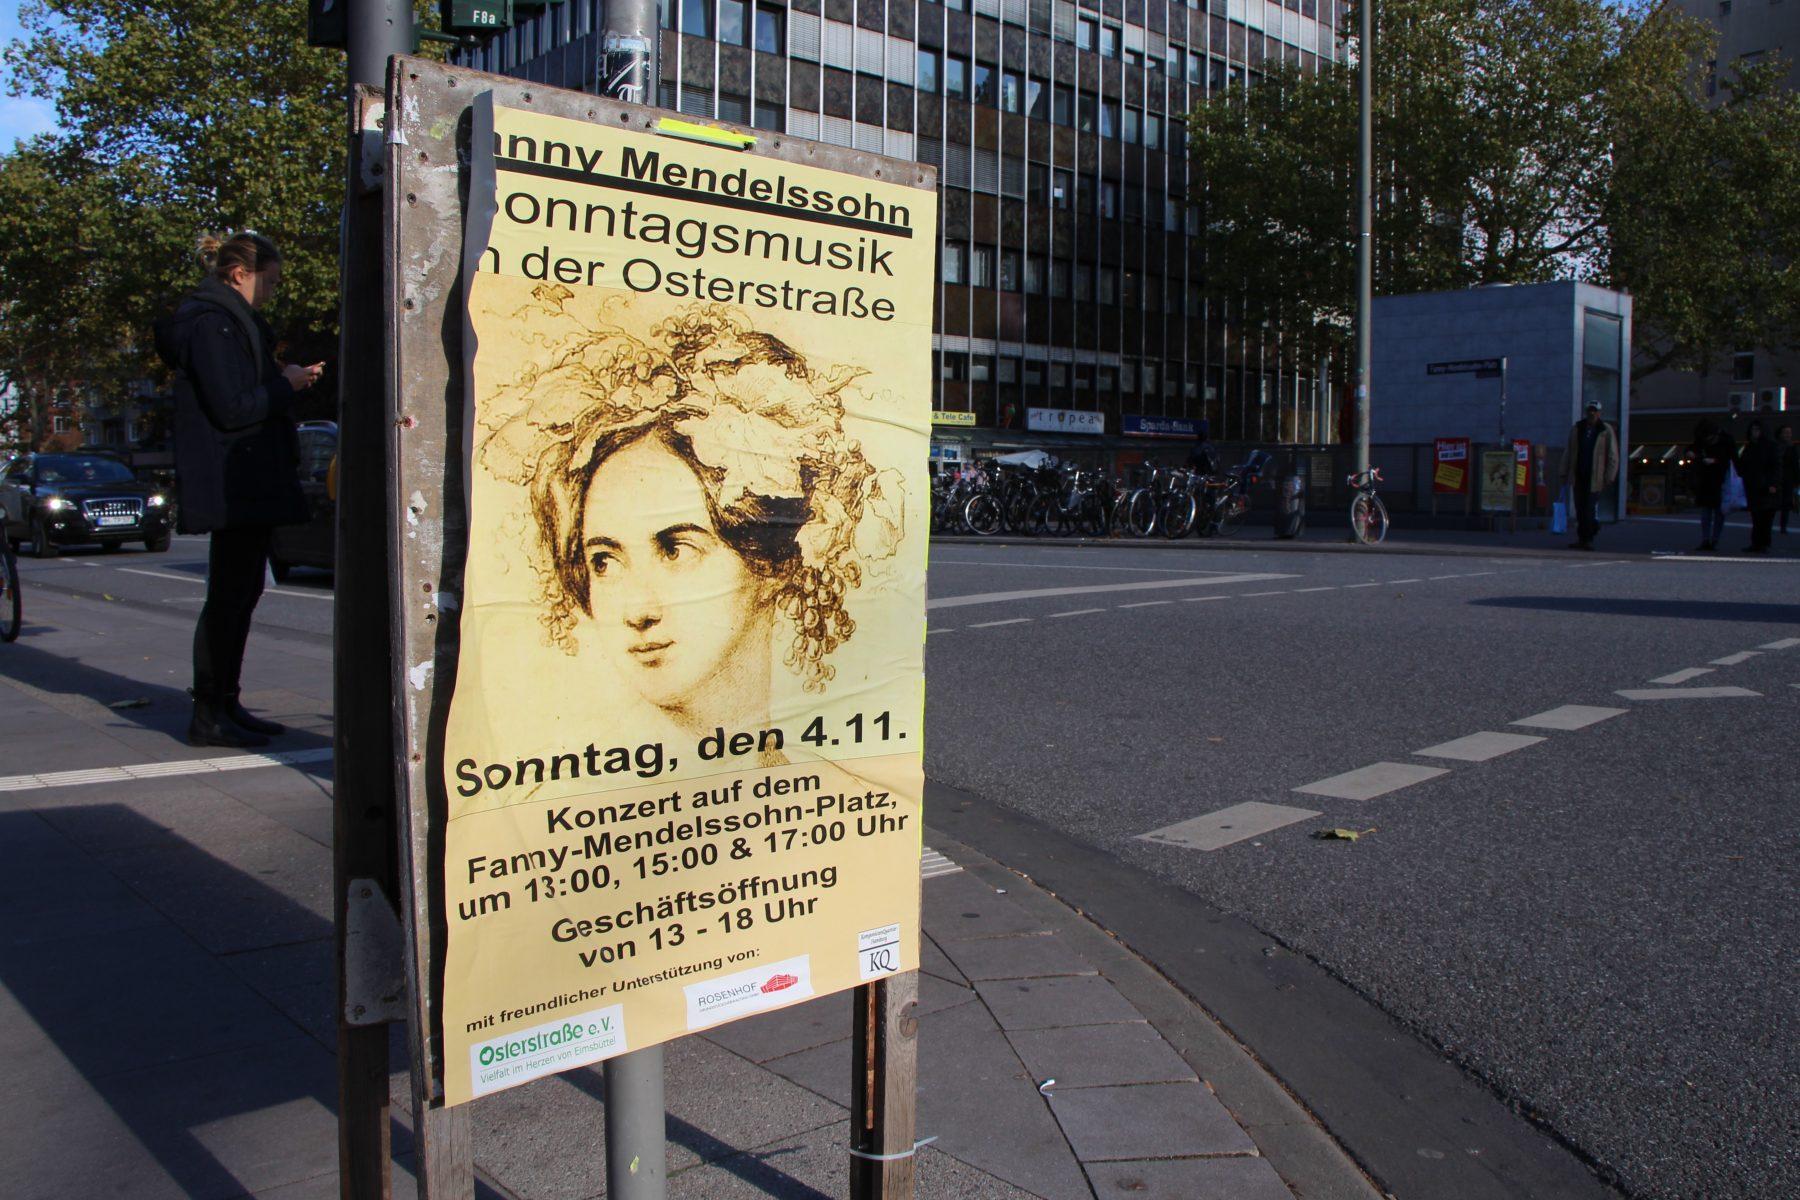 Verkaufsoffener Sonntag Plakat vom 4. November 2018. Foto: Fabian Hennig